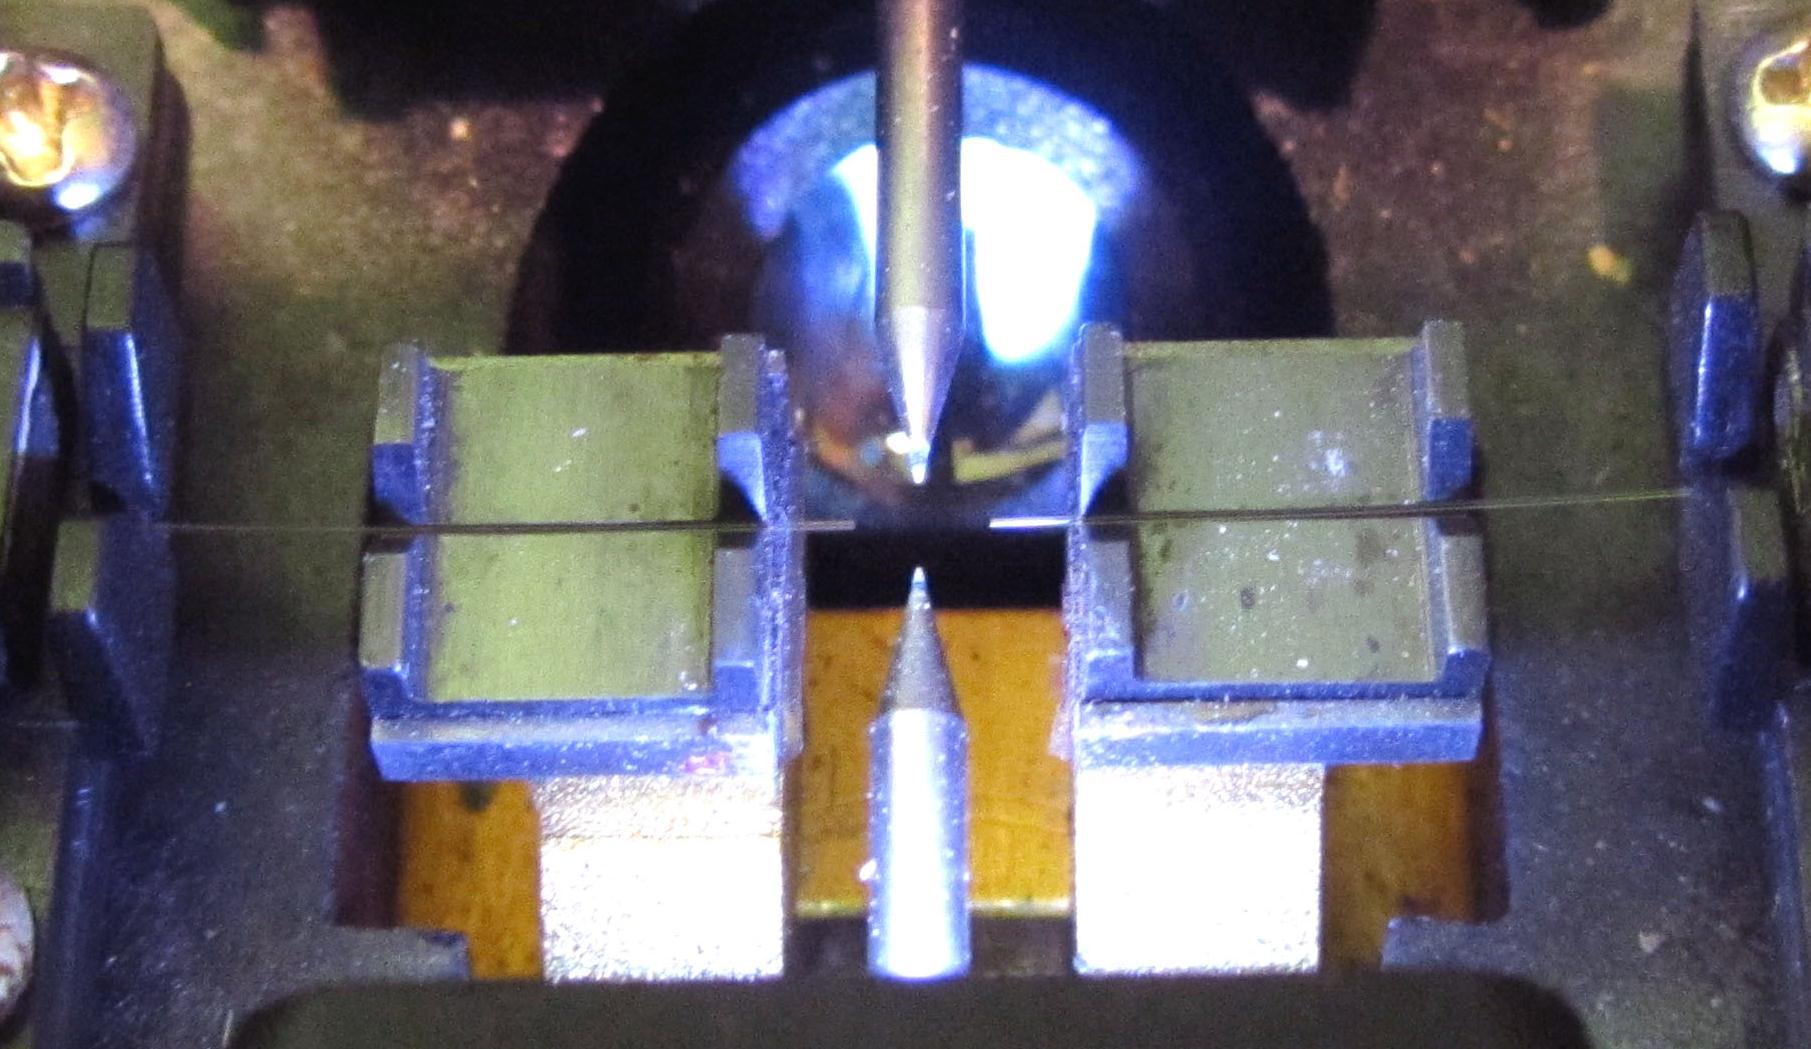 Сварка оптических волокон. Кабели и их разделка, оптический инструмент, муфты и кроссы